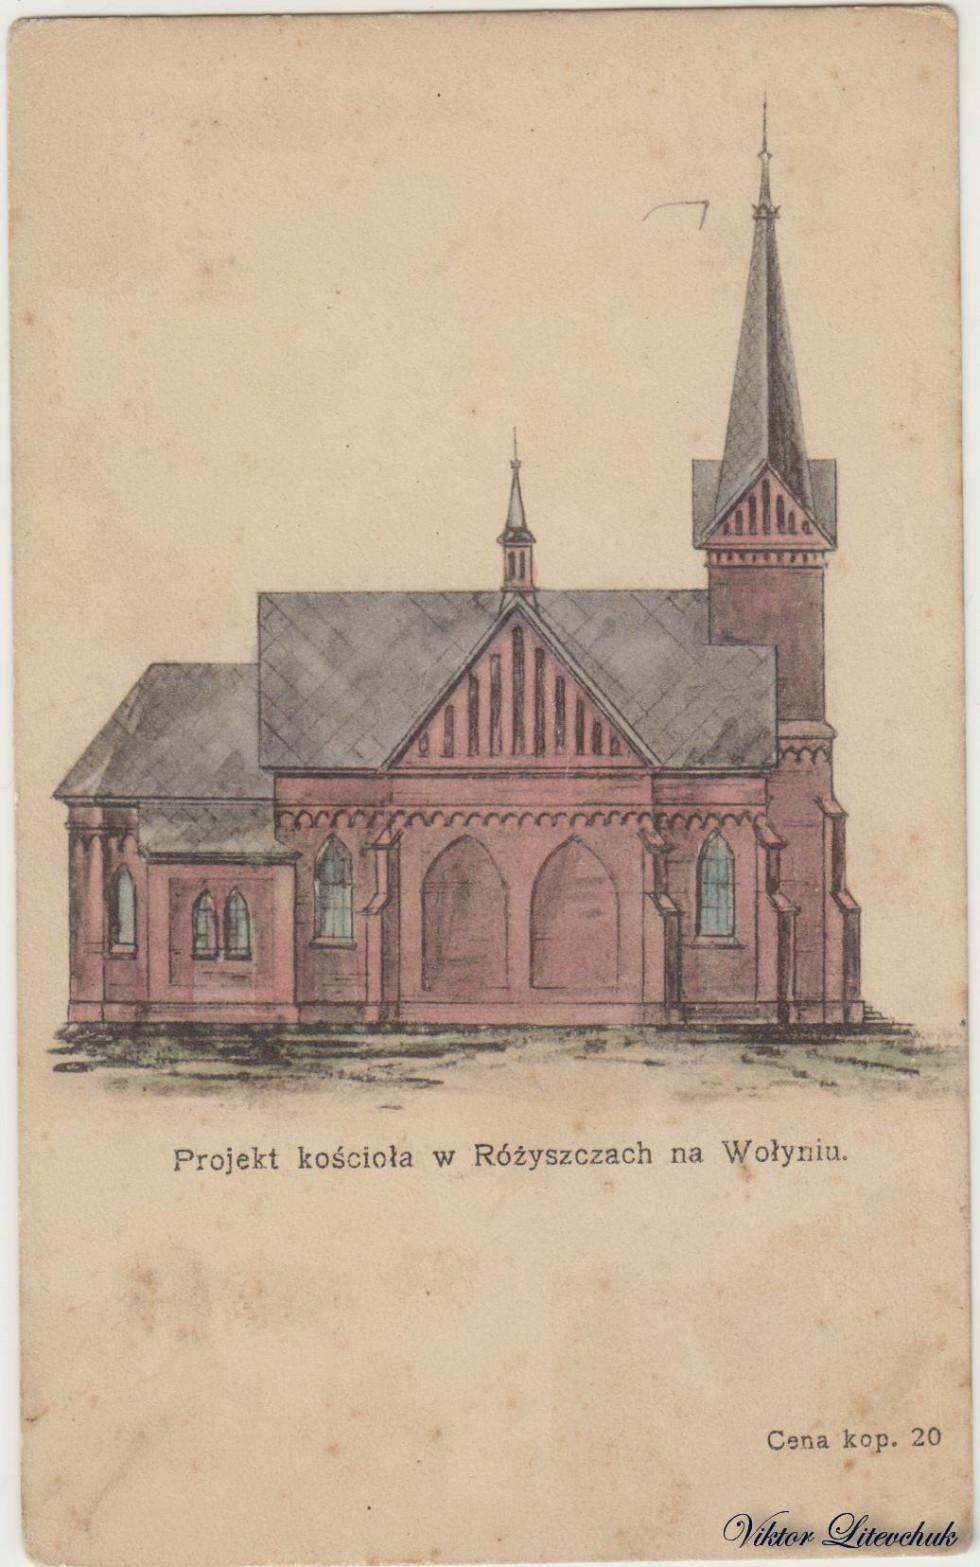 Проєкт костелу в Рожищі. Листівку 1910-х років видали у Варшаві у видавництві Б. Вєжбіцкого